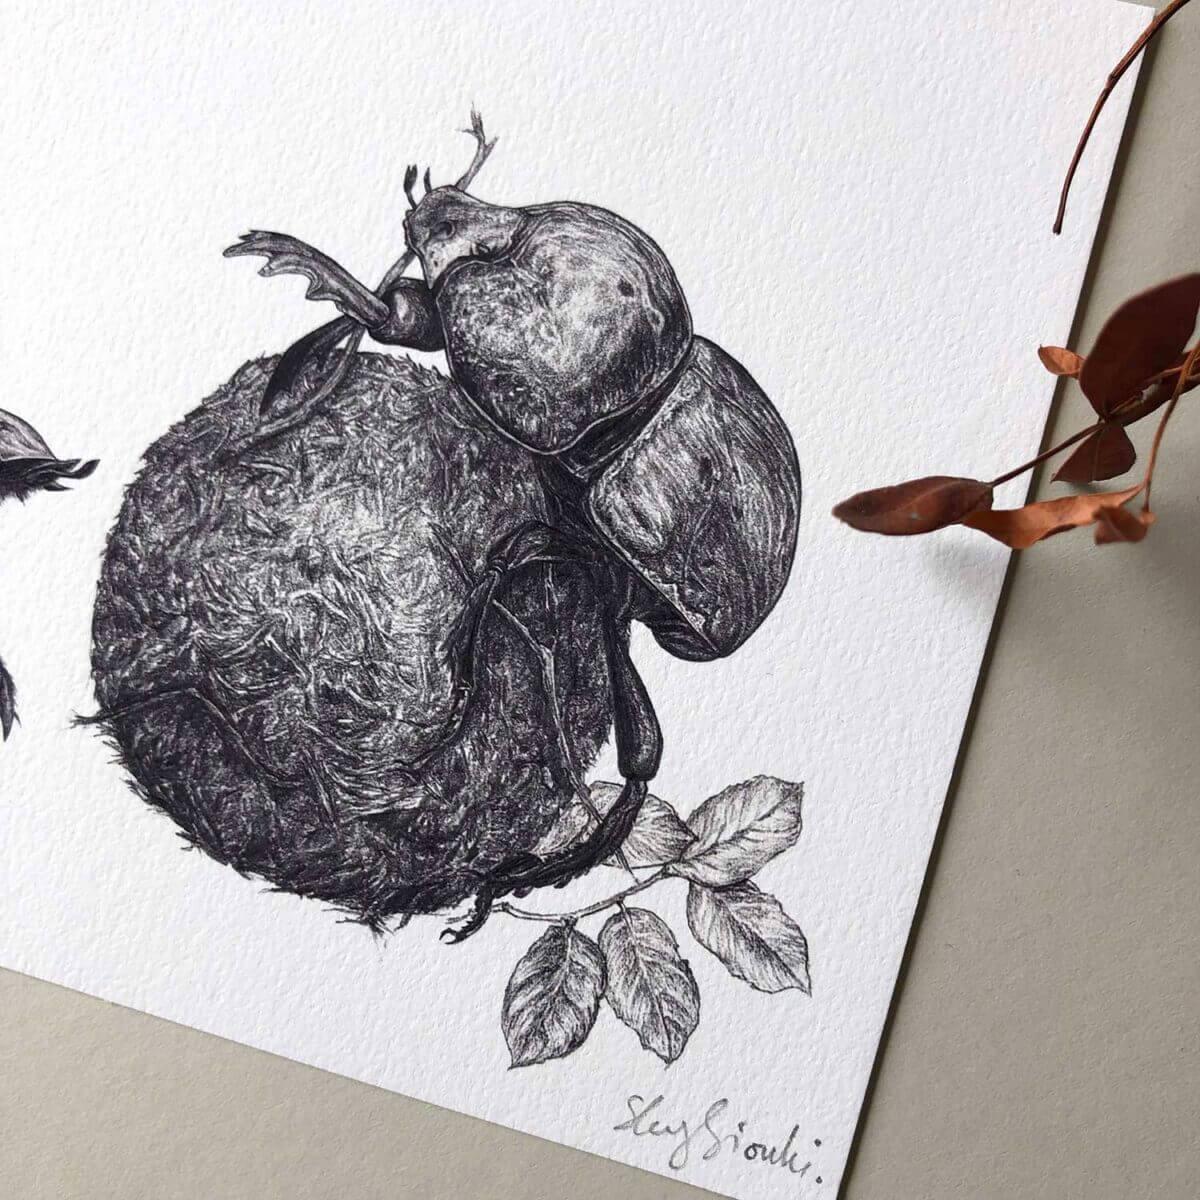 Dung-Beetles-Print-Corner-Sky-Siouki